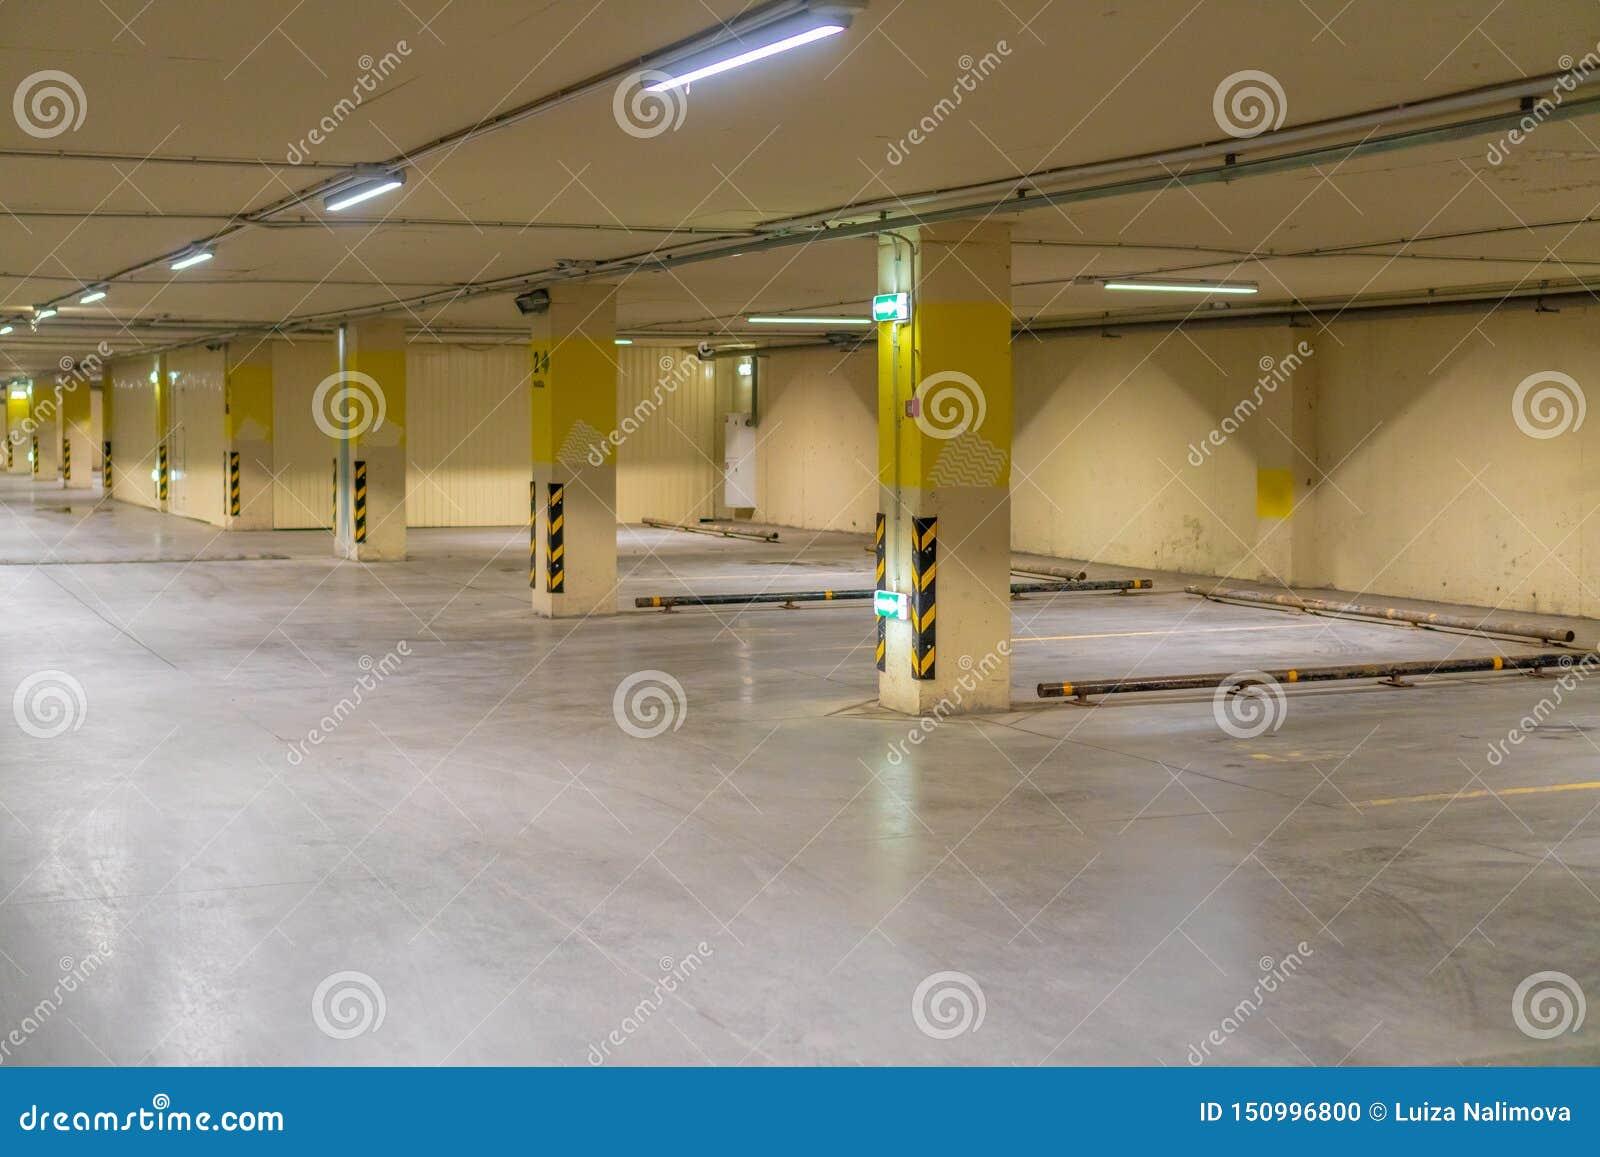 La Russie, Kazan - 10 mai 2019 Stationnement souterrain lumineux sans voitures